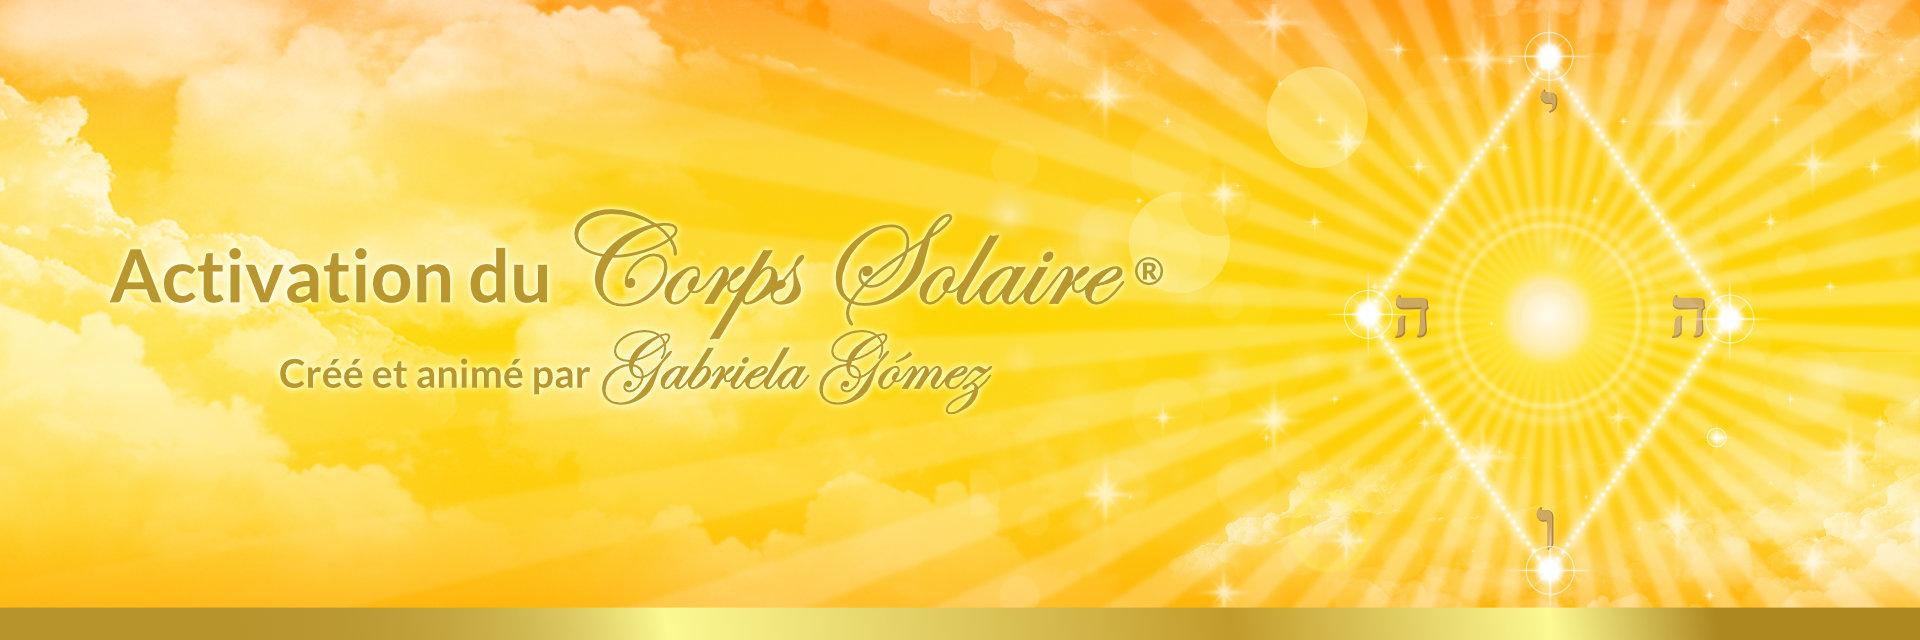 Activation du Corps Solaire®